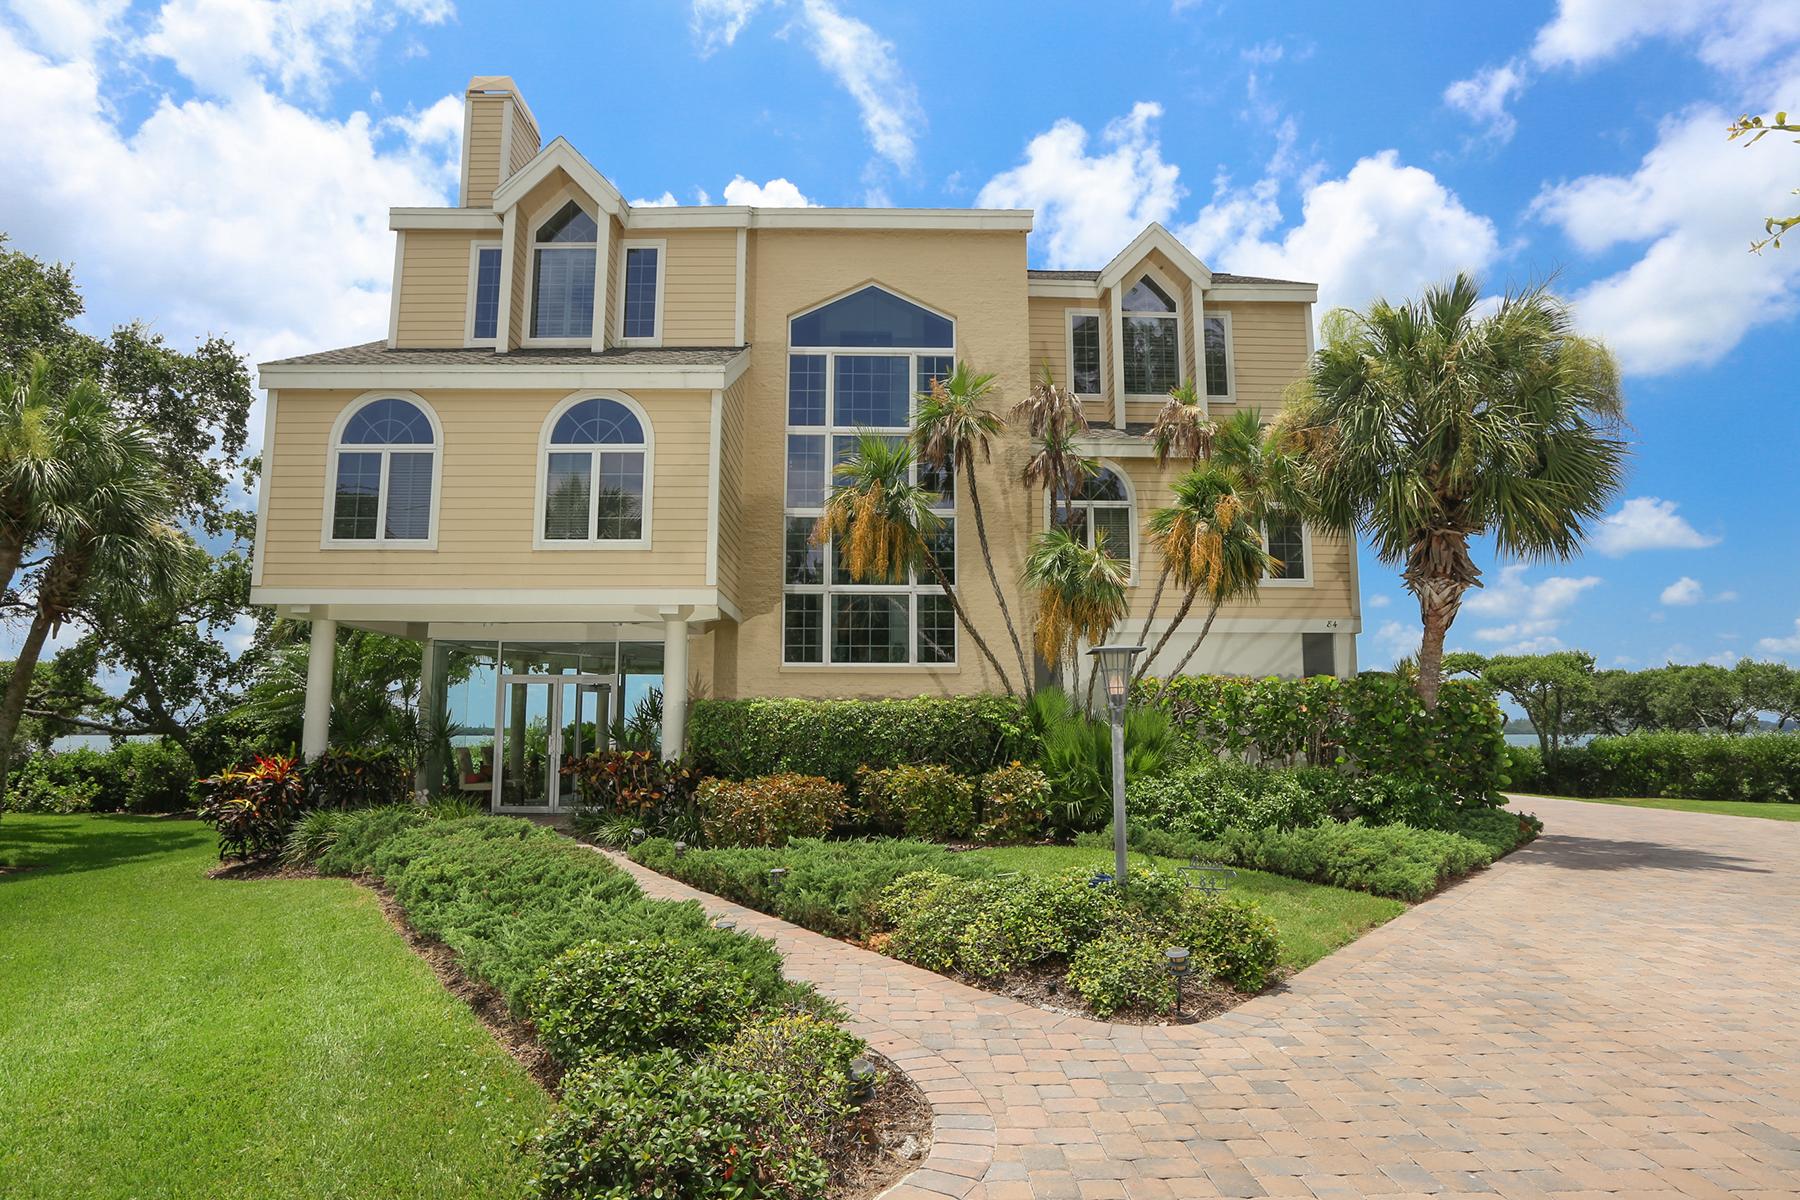 Einfamilienhaus für Verkauf beim TIDY ISLAND 84 Tidy Island Blvd Bradenton, Florida 34210 Vereinigte Staaten